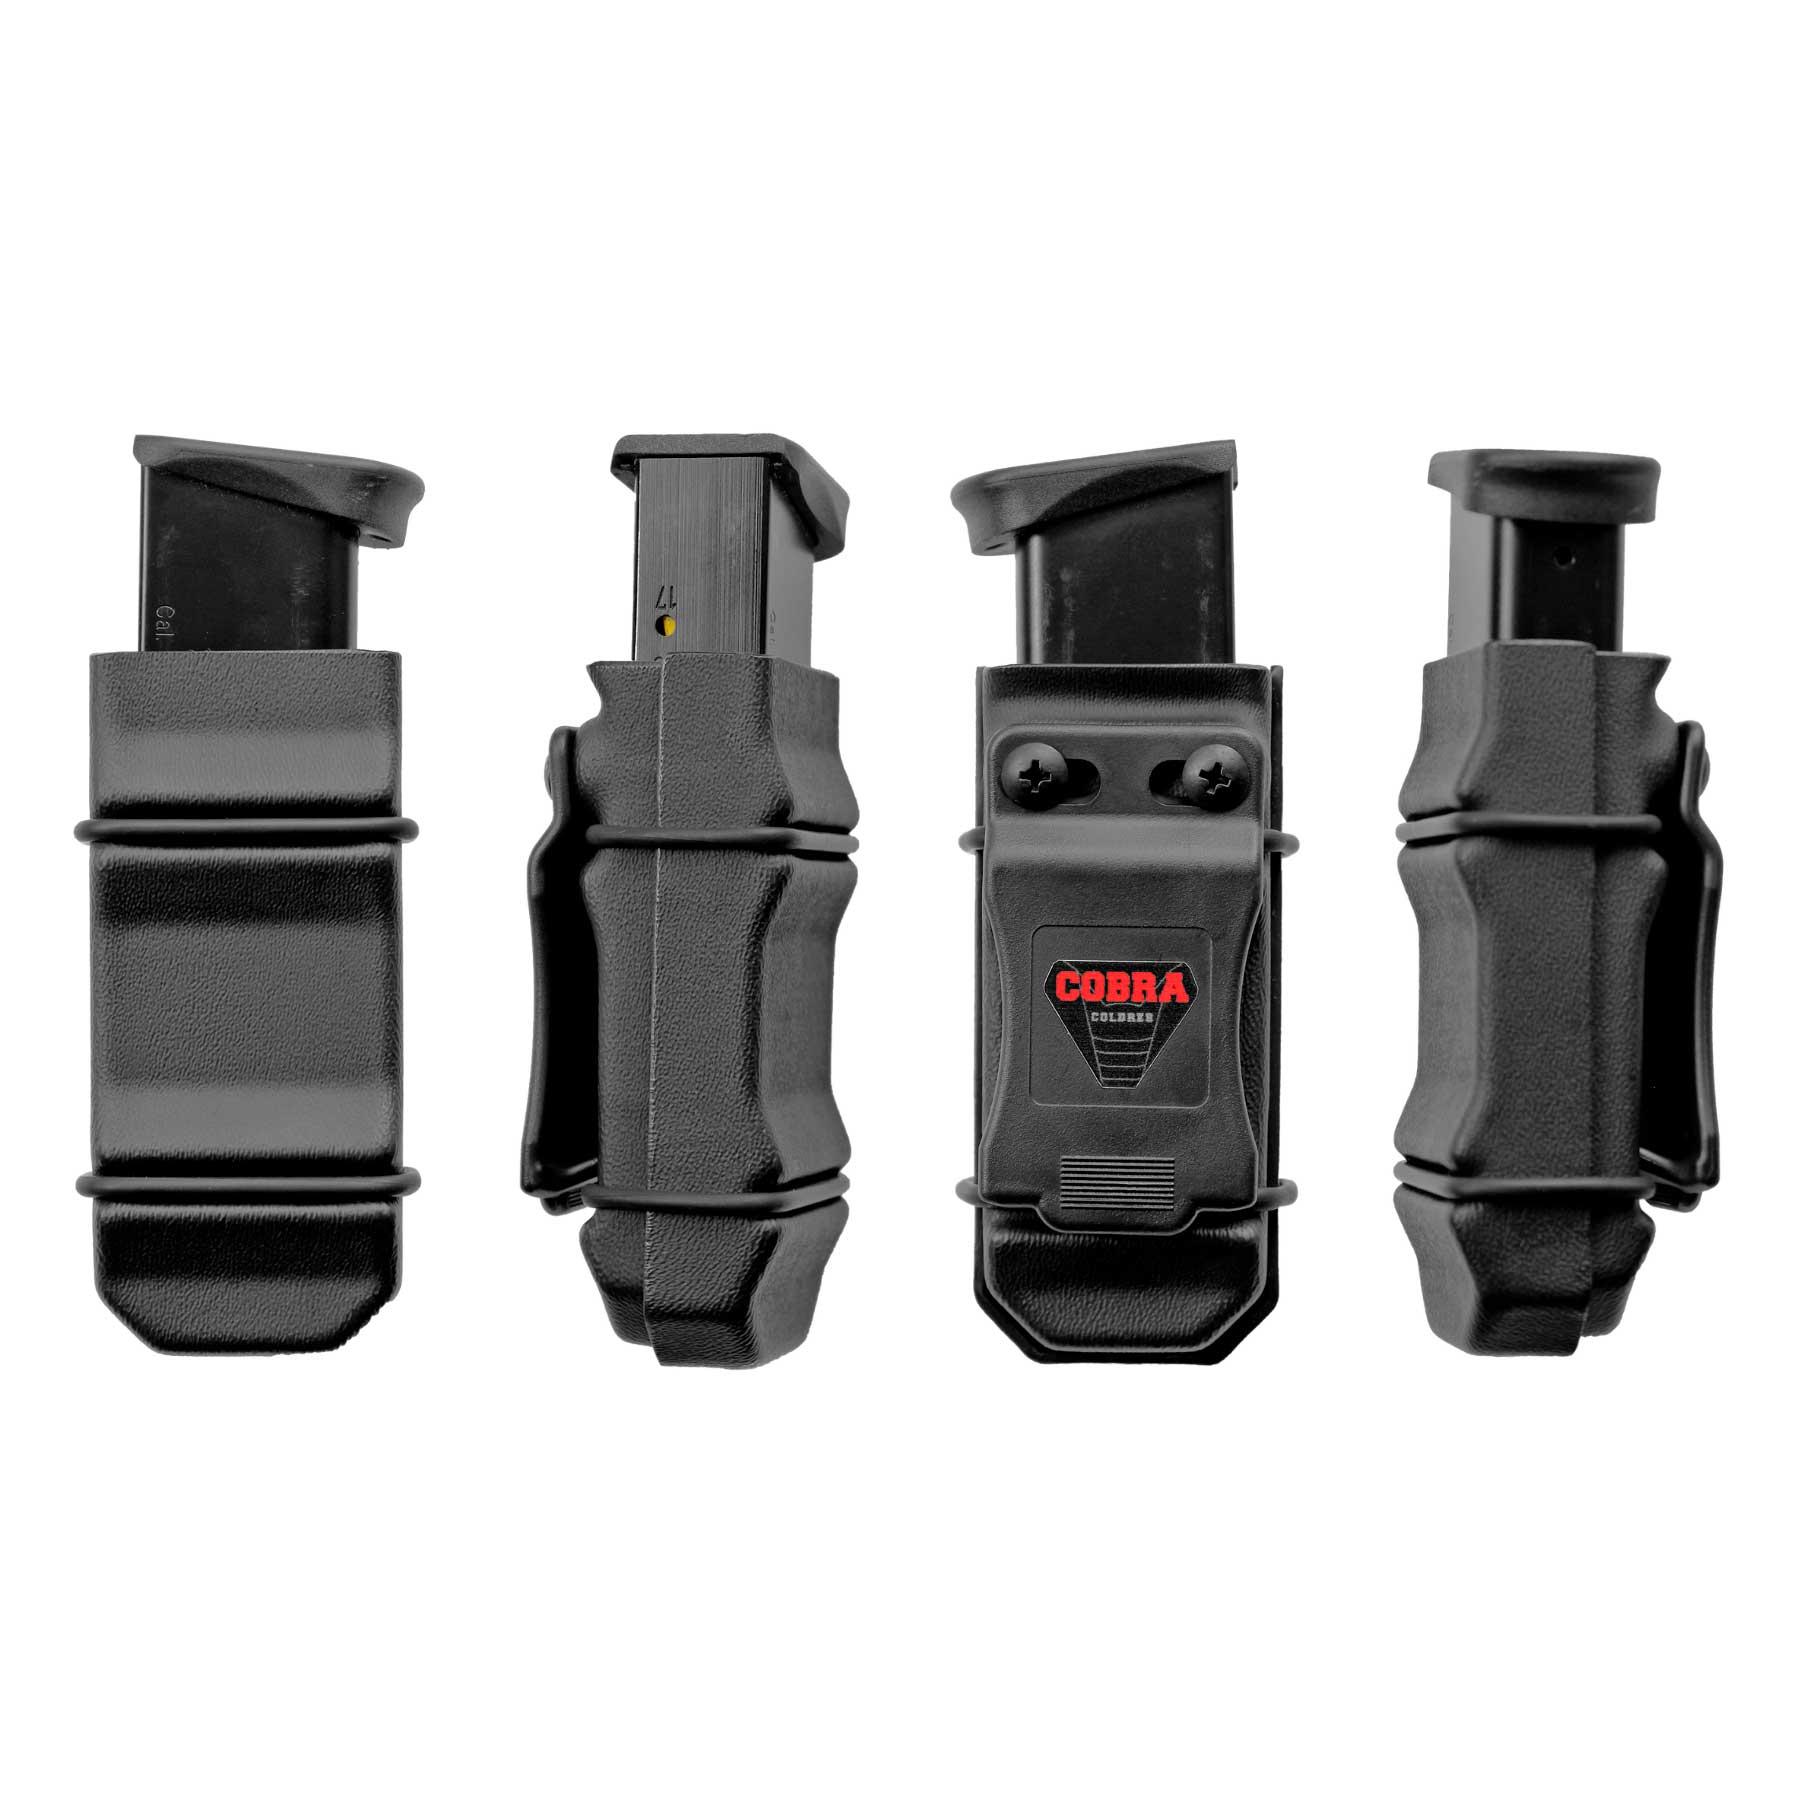 Coldre [G2c] 9mm e .40 Kydex + 1 Porta-Carregador Universal - Saque Rápido Velado Kydex® 080